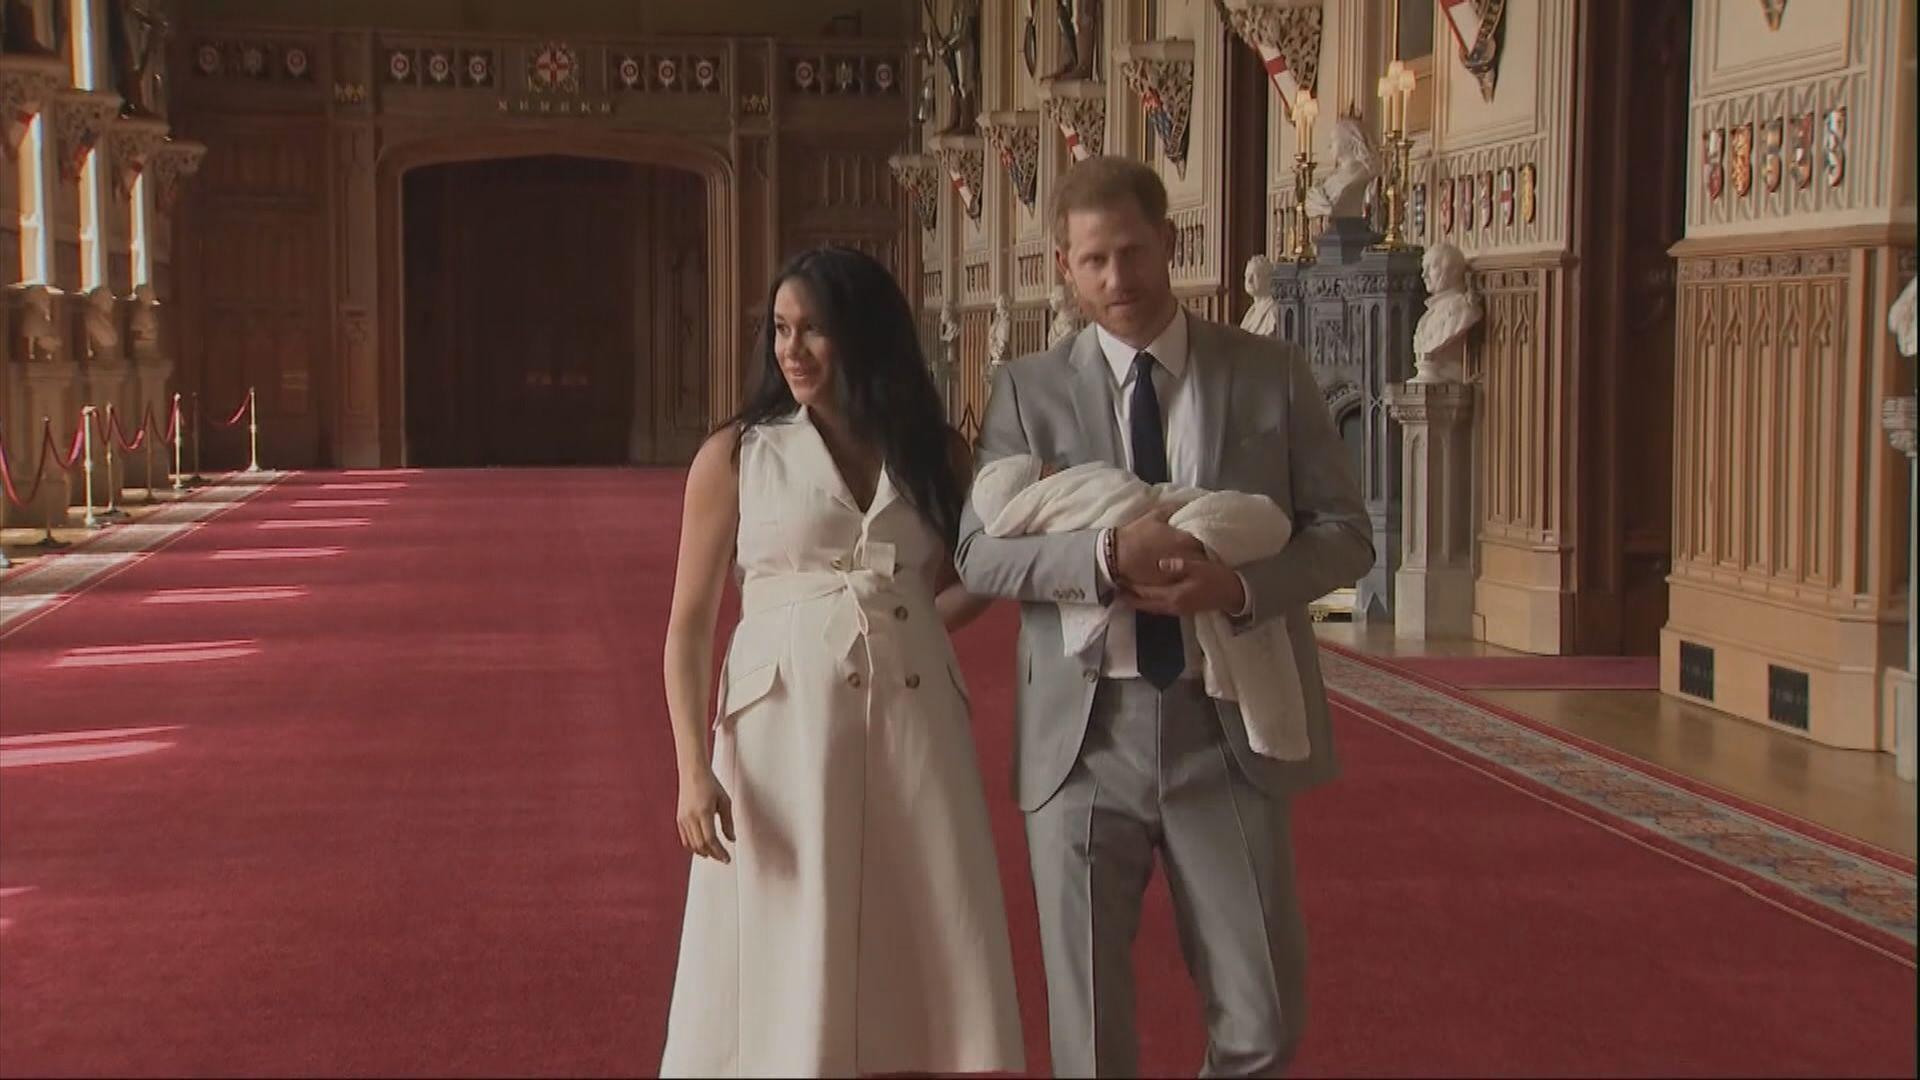 【環球薈報】「阿奇」為英國王室首次使用